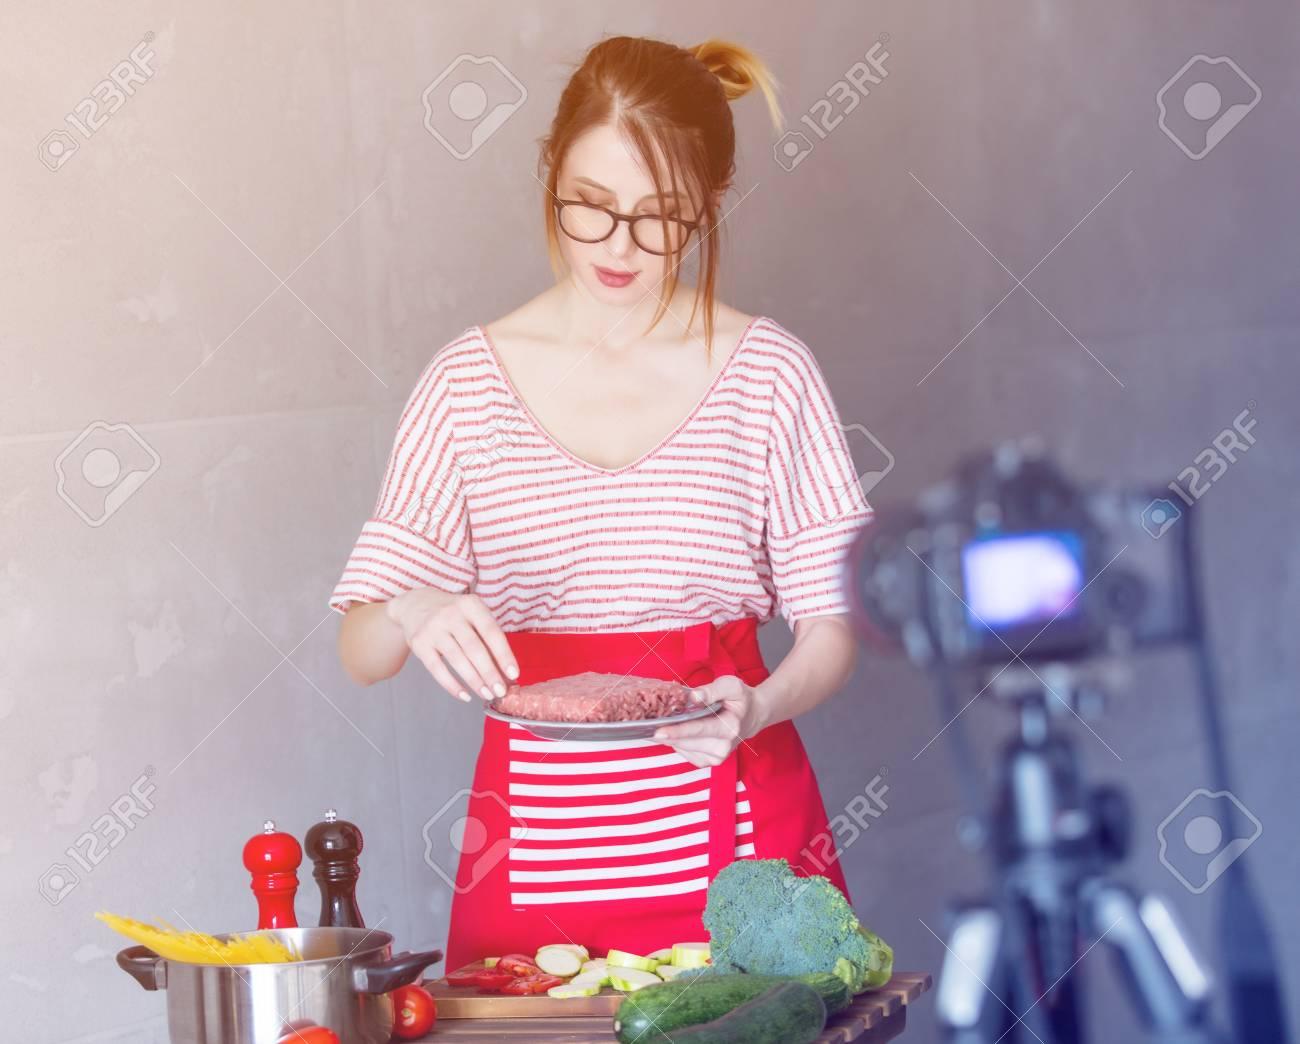 Emplacement Cuisine Dans La Maison jeune femme blogger caucasien cuisine à la caméra pour le site de partage  de vidéos. emplacement à la maison à la cuisine